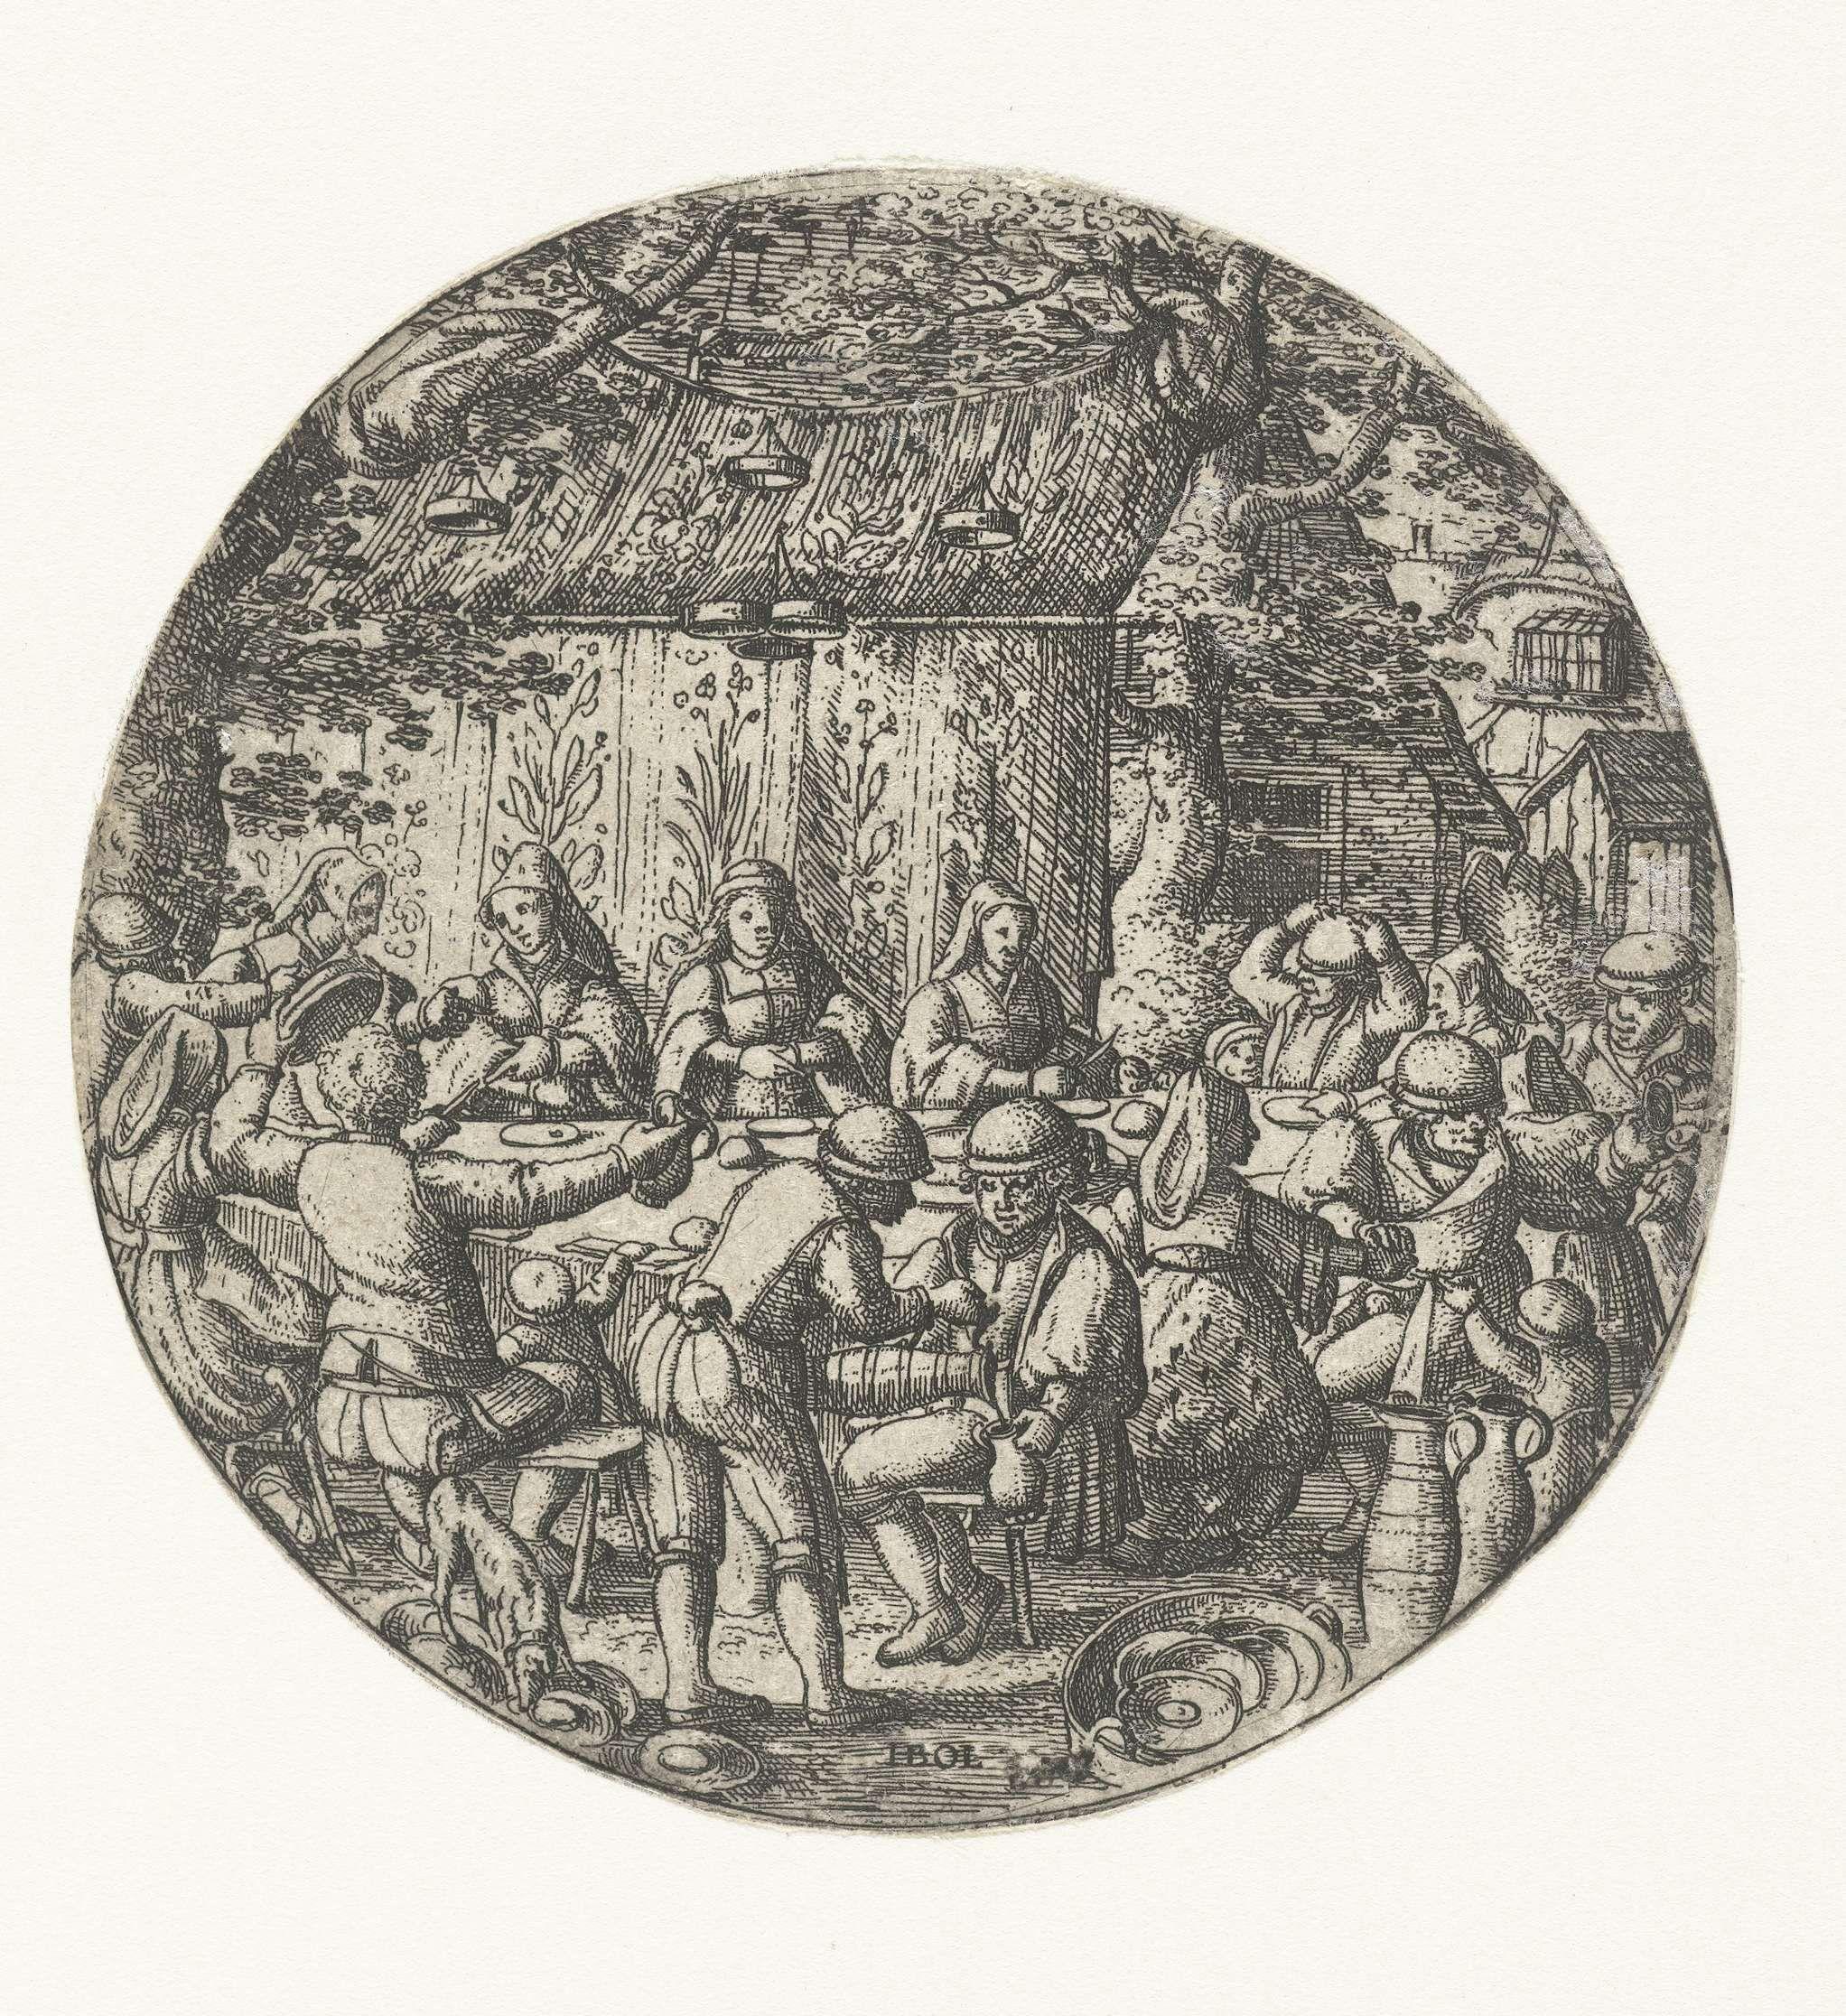 Hans Bol | Huwelijkstafel, Hans Bol, c. 1550 - 1593 | In de buitenlucht vindt een huwelijksfeest plaats. De gasten zitten aan een tafel te eten. In het midden zit de bruid met aan weerszijden haar bruidsmeiden.